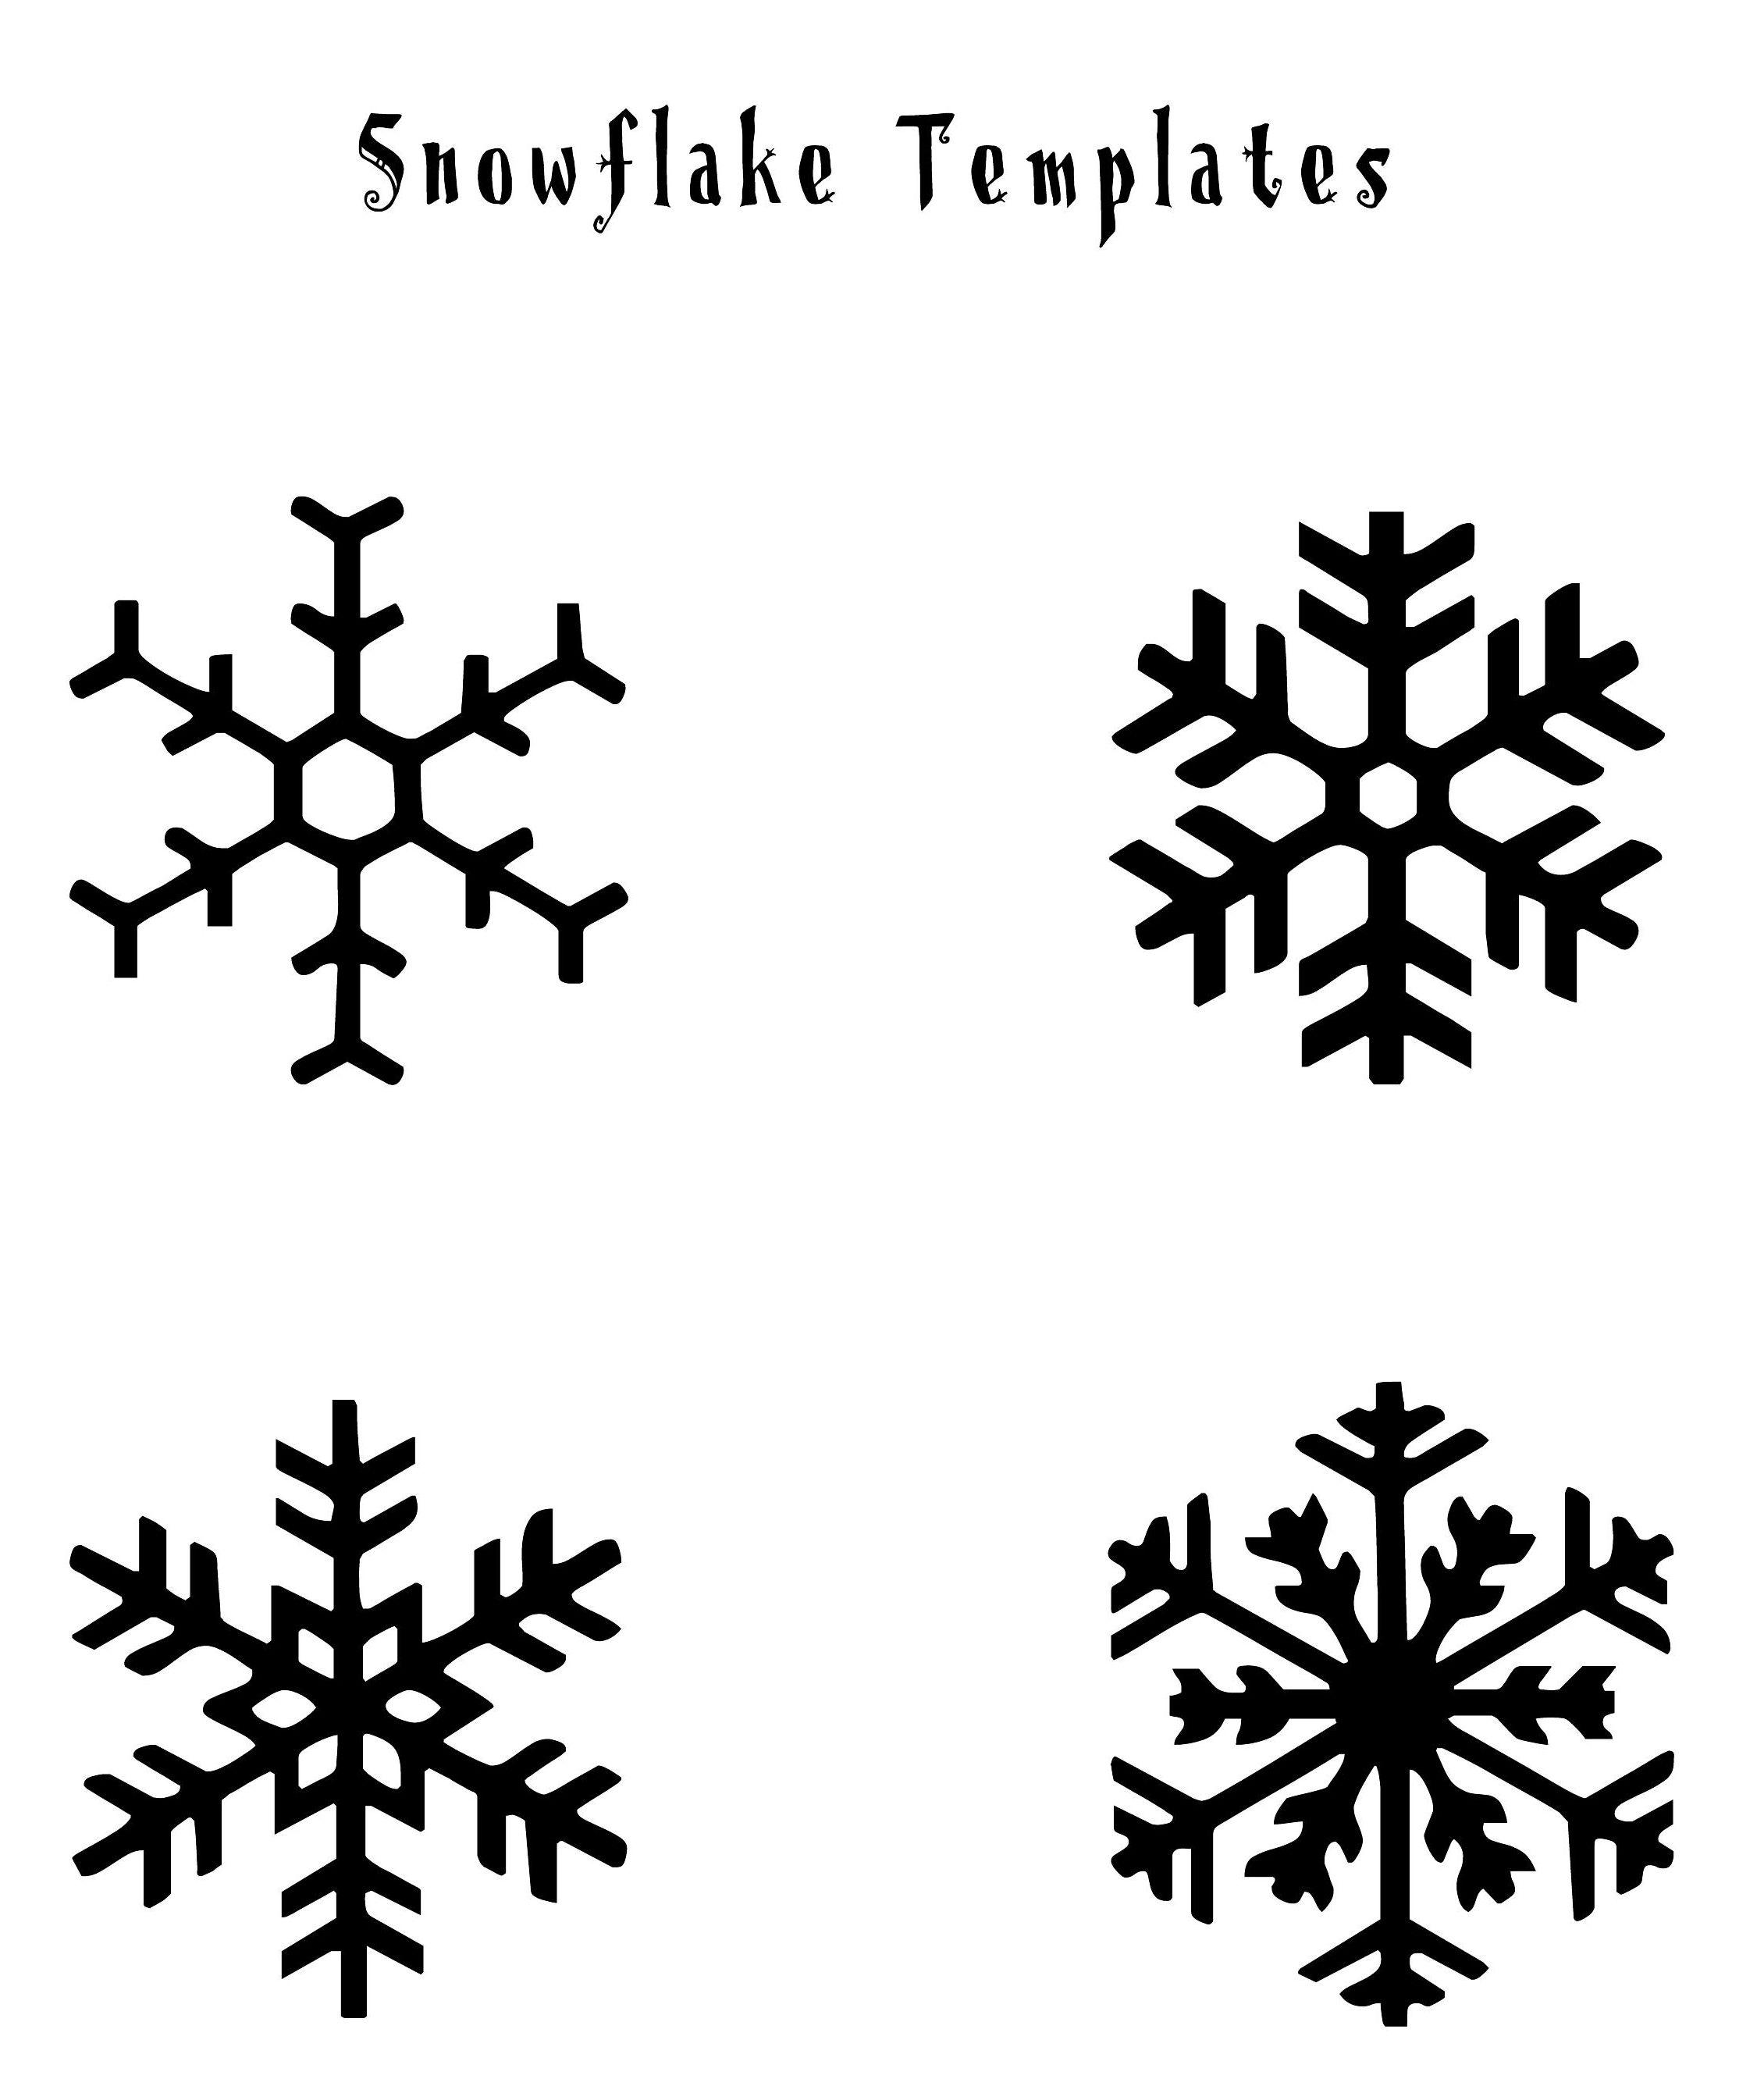 Snowflakes Snowflake template, Snowflake embroidery